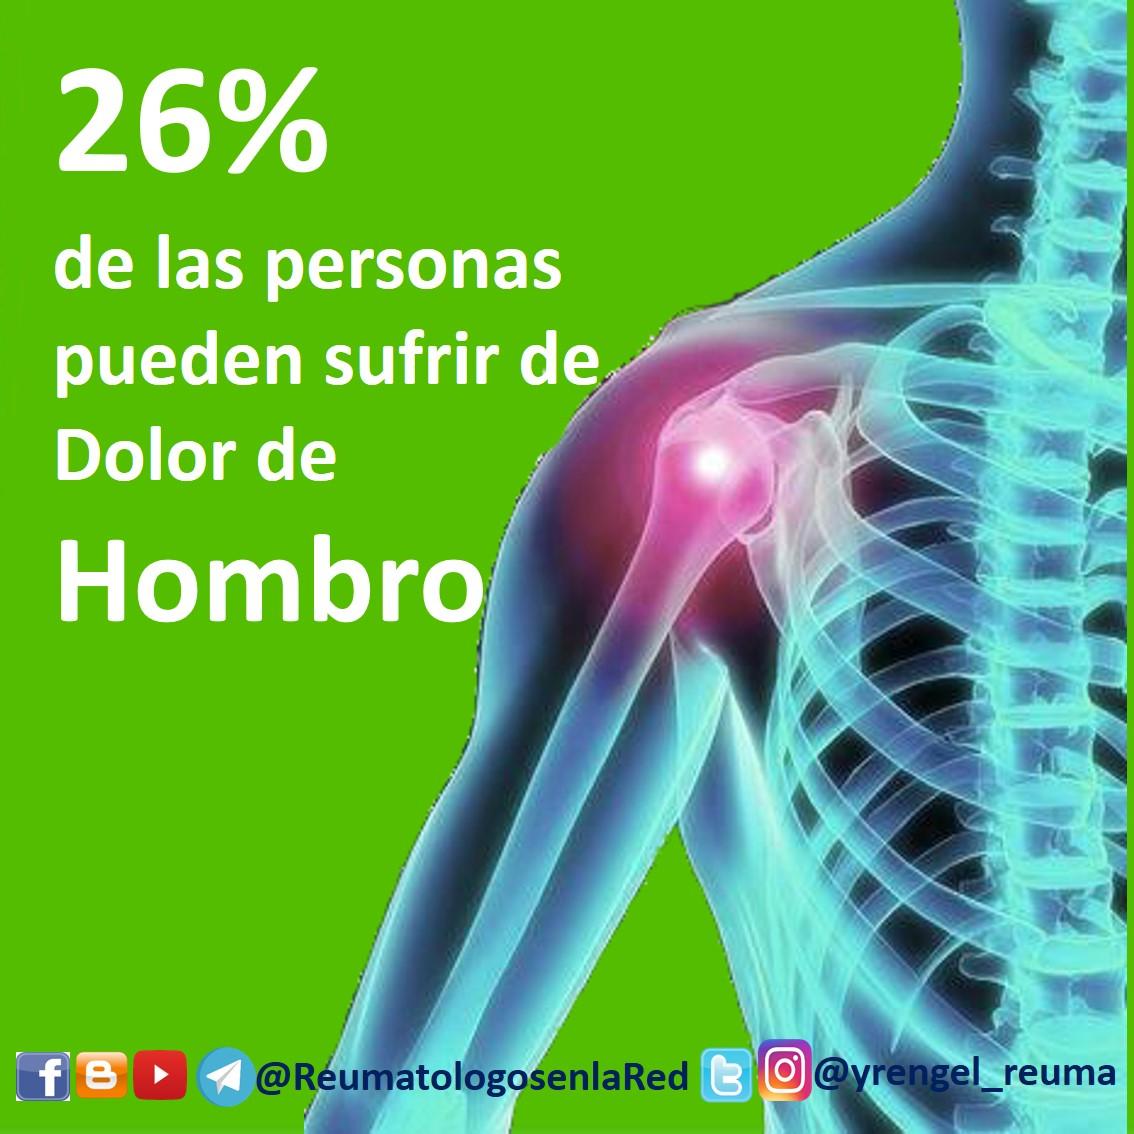 Reumatologos en la Red: NO TE ACOSTUMBRES AL DOLOR DE HOMBRO